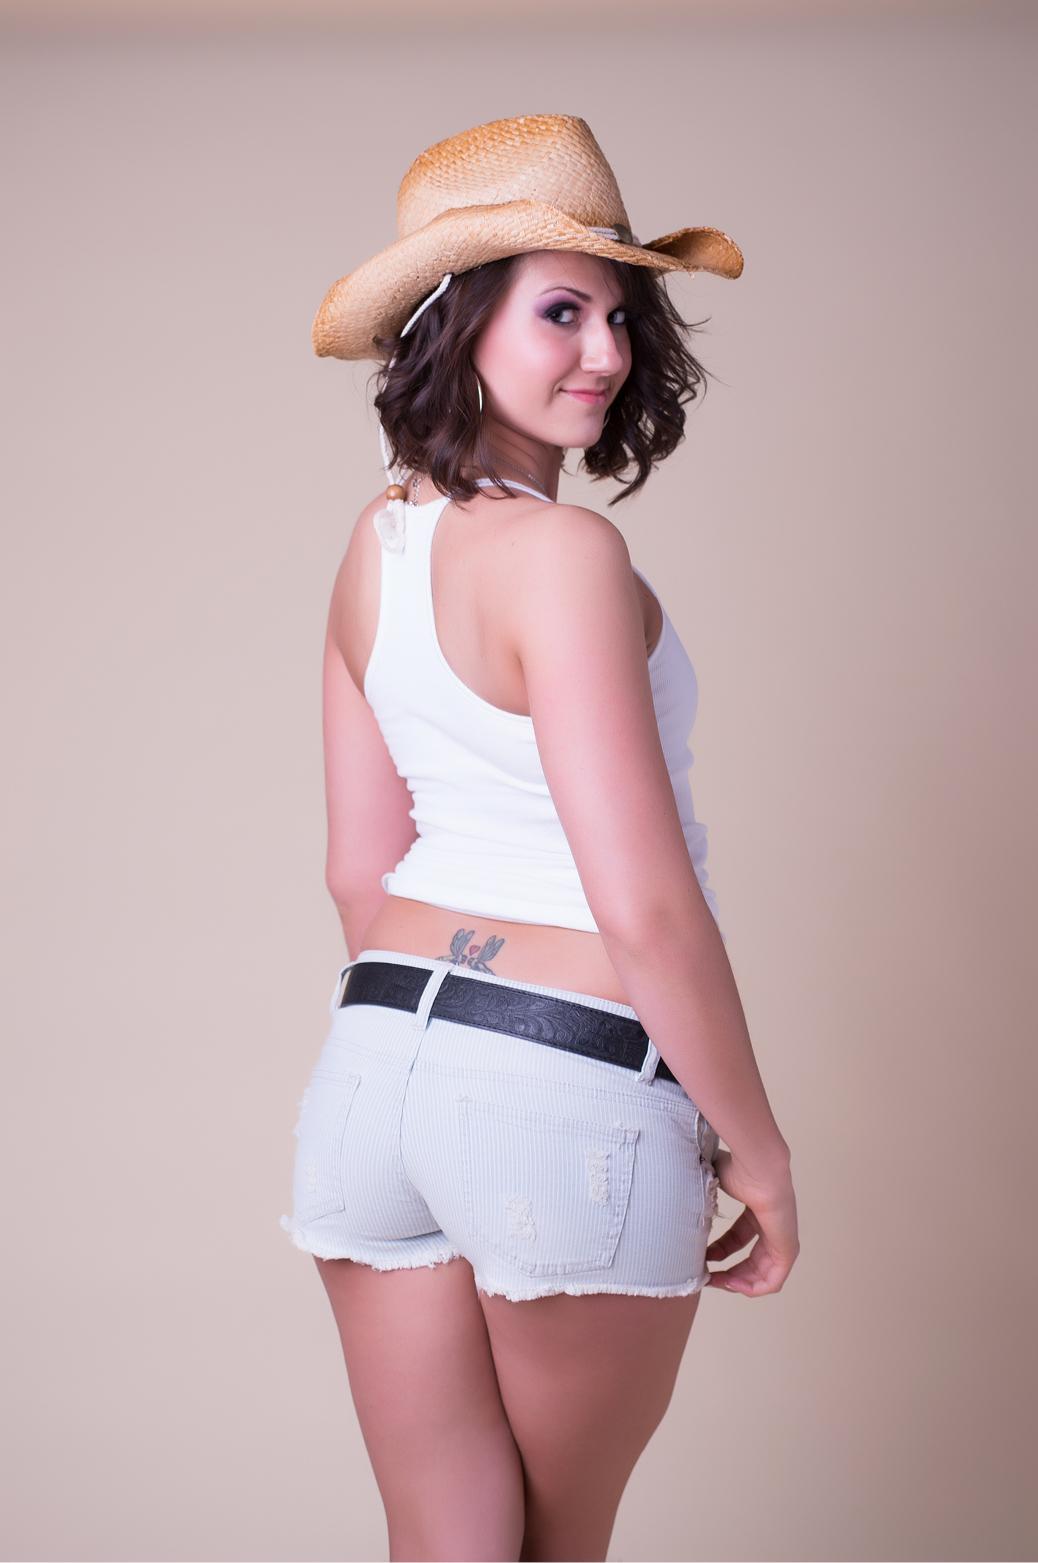 sexy texas women